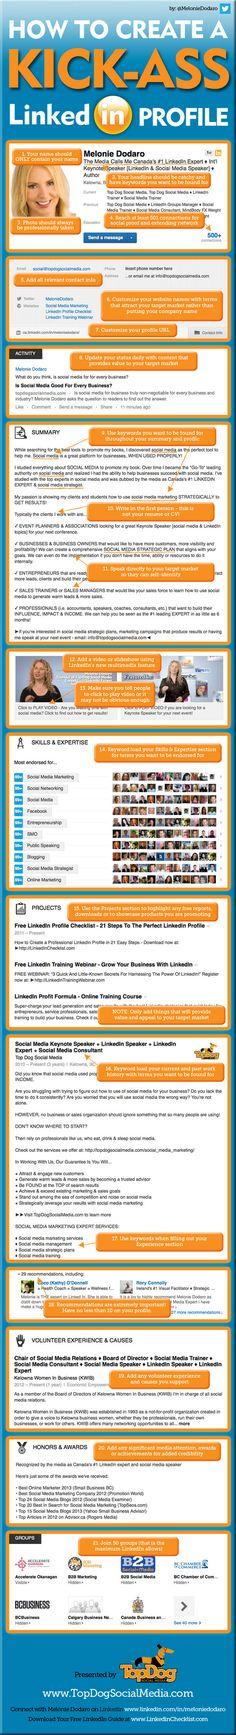 21 Steps to Create an Awesome LinkedIn Profile